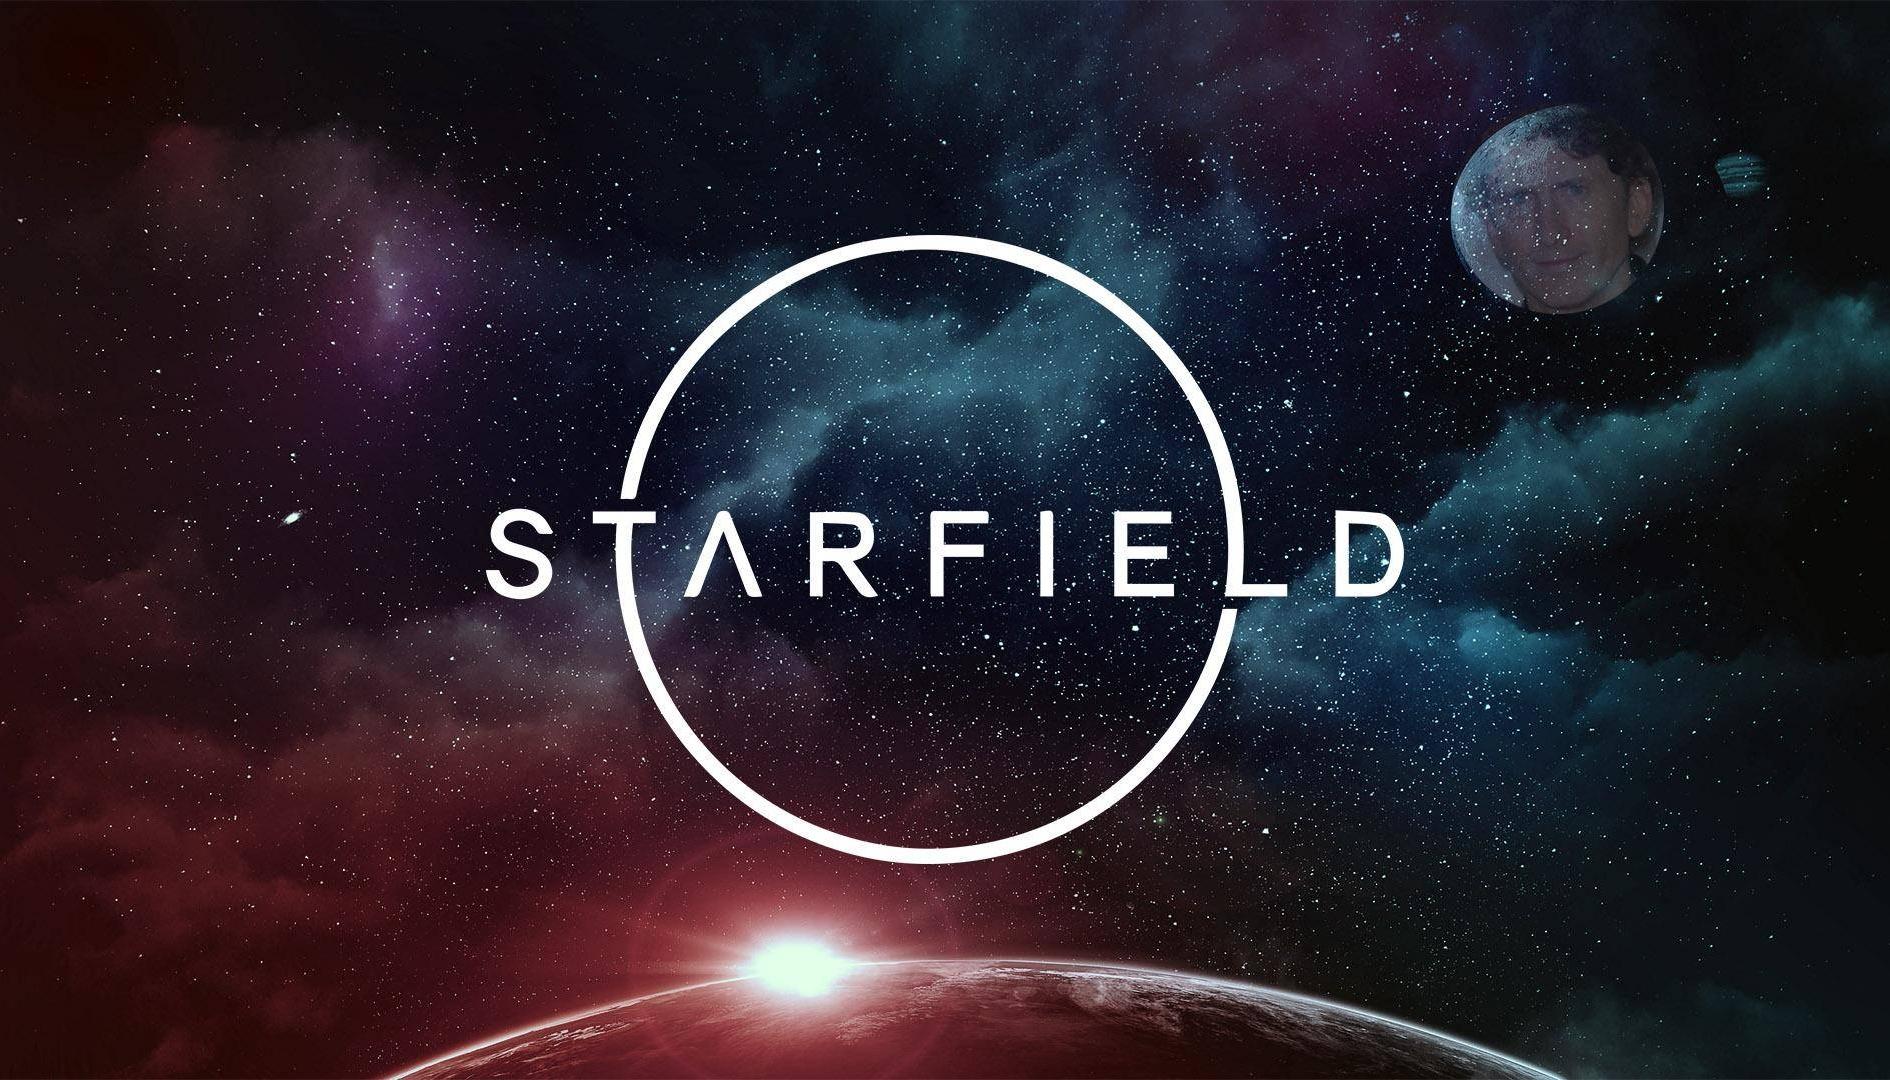 Starfield non uscirà su PS5: Bethesda comprende la rabbia dei giocatori